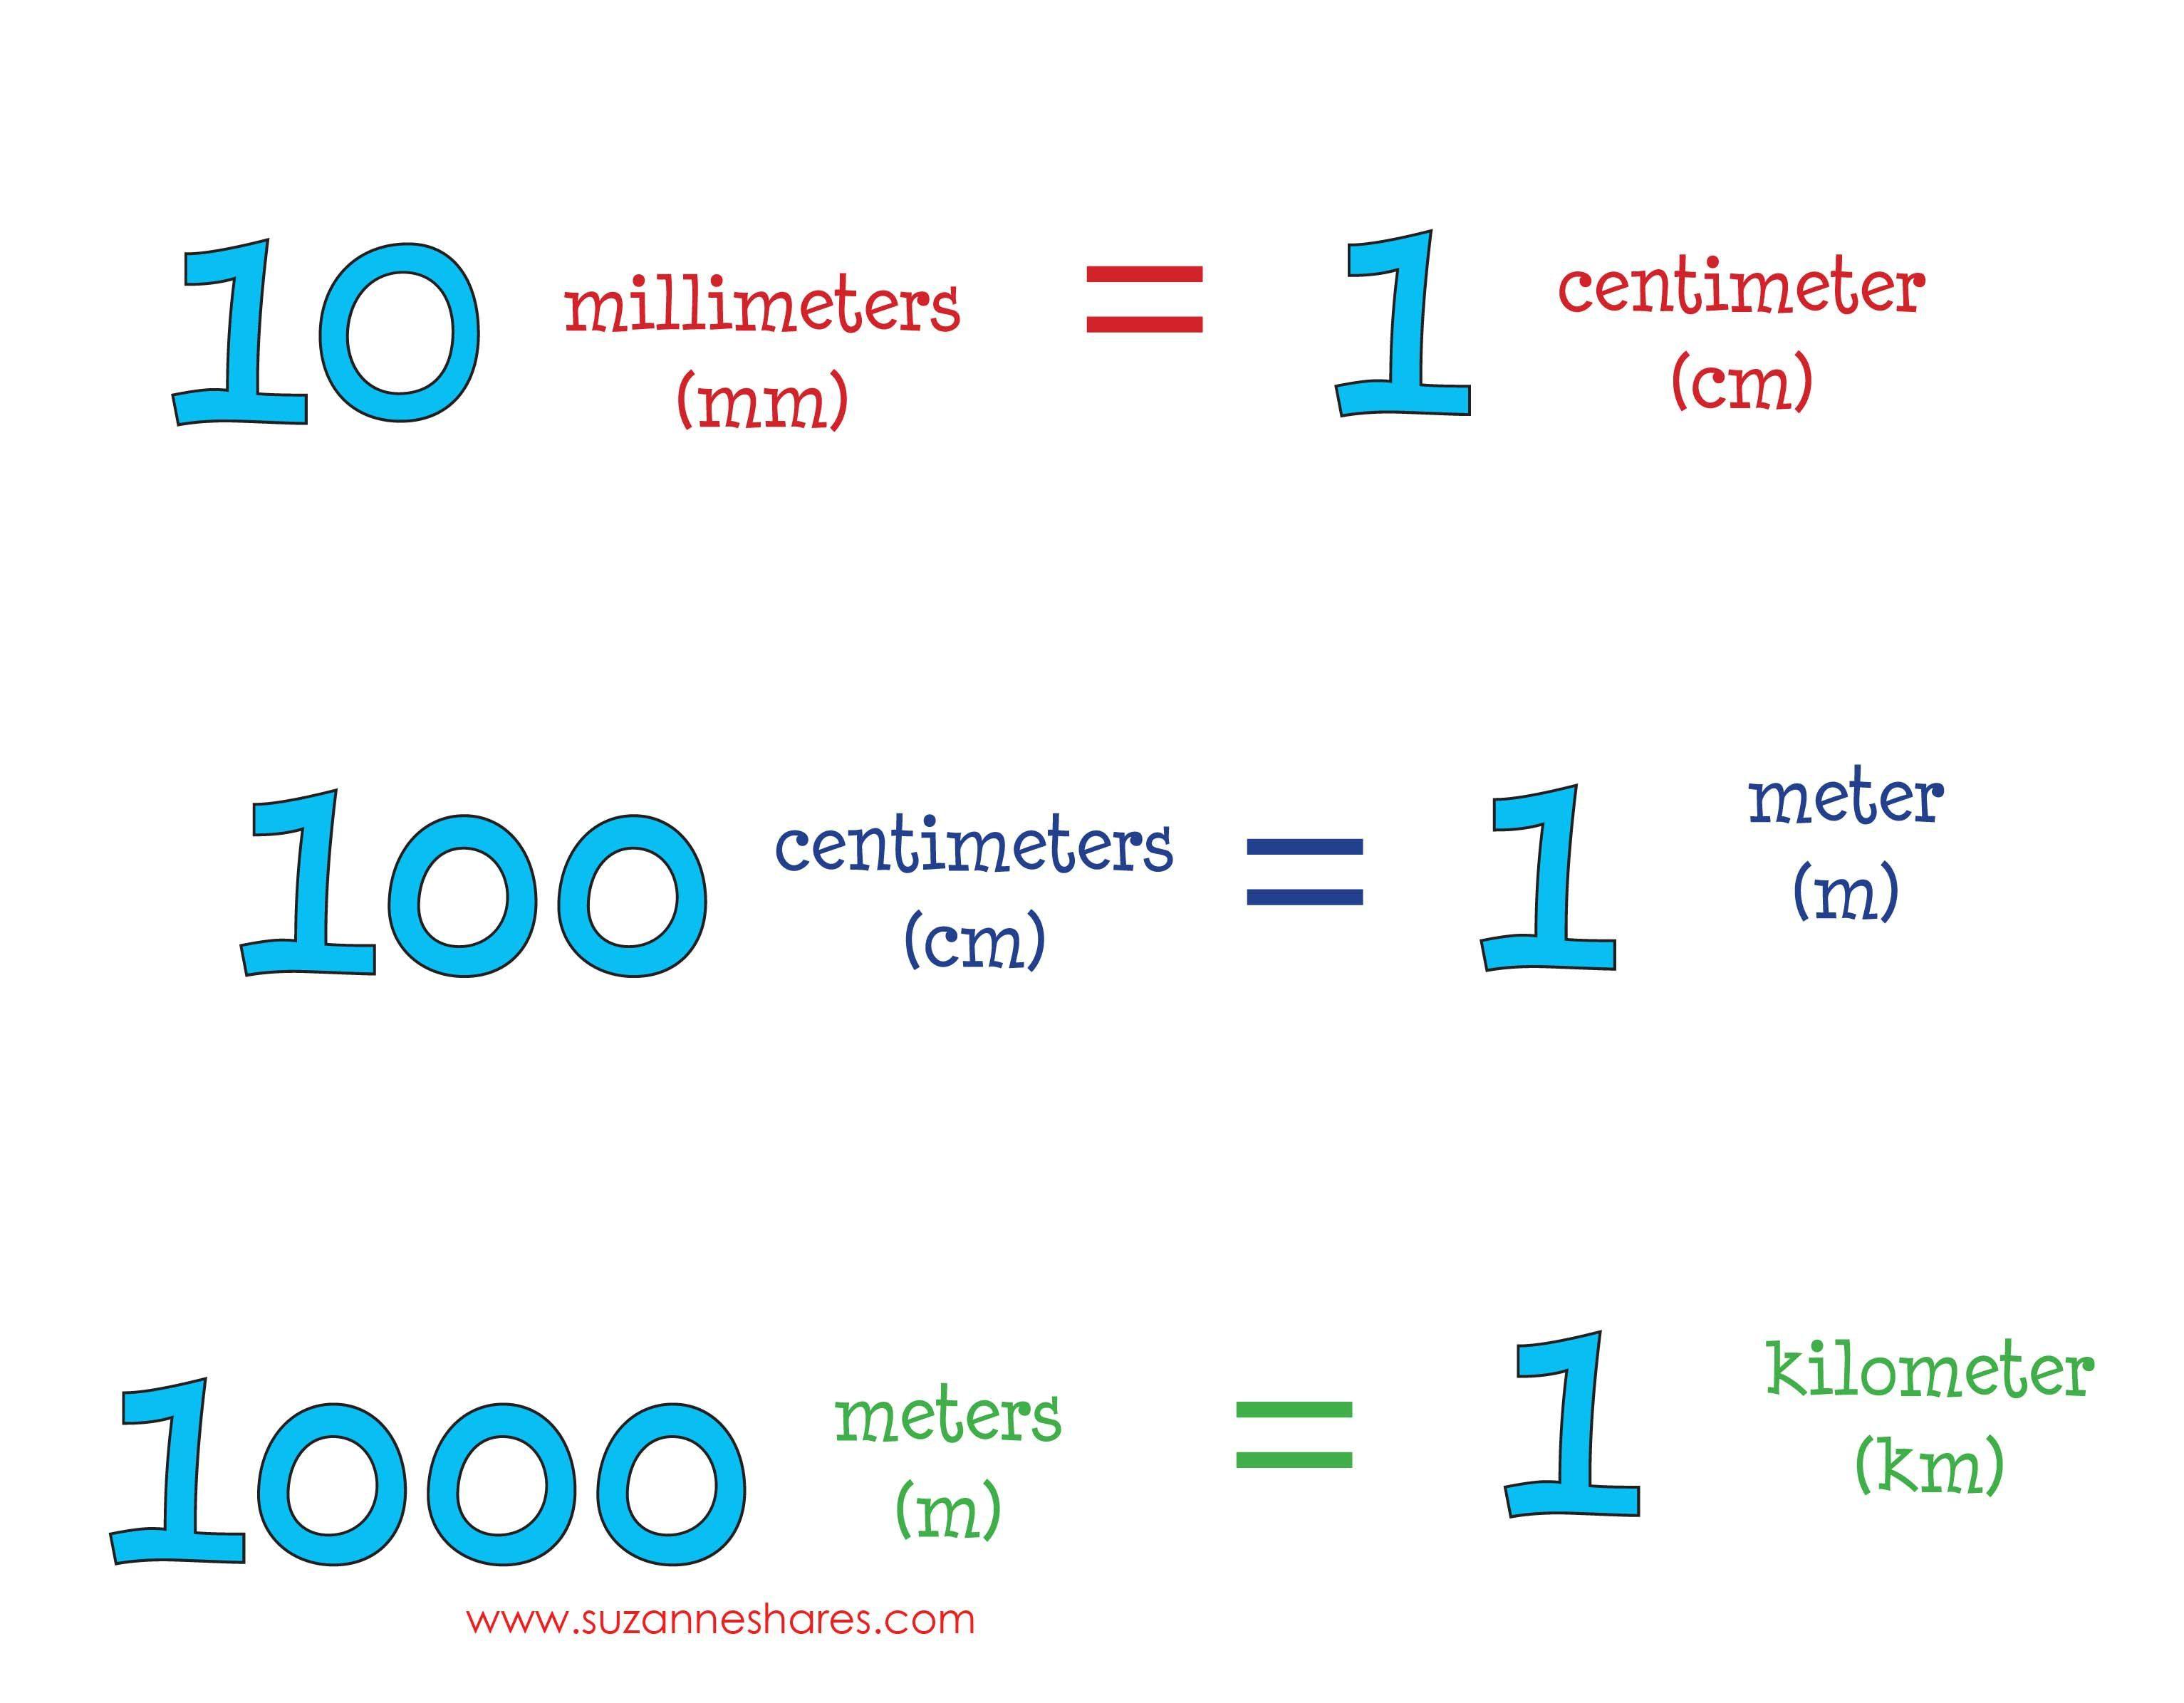 wk 15 - metric measurements | cycle 2 week 15 | pinterest | metric